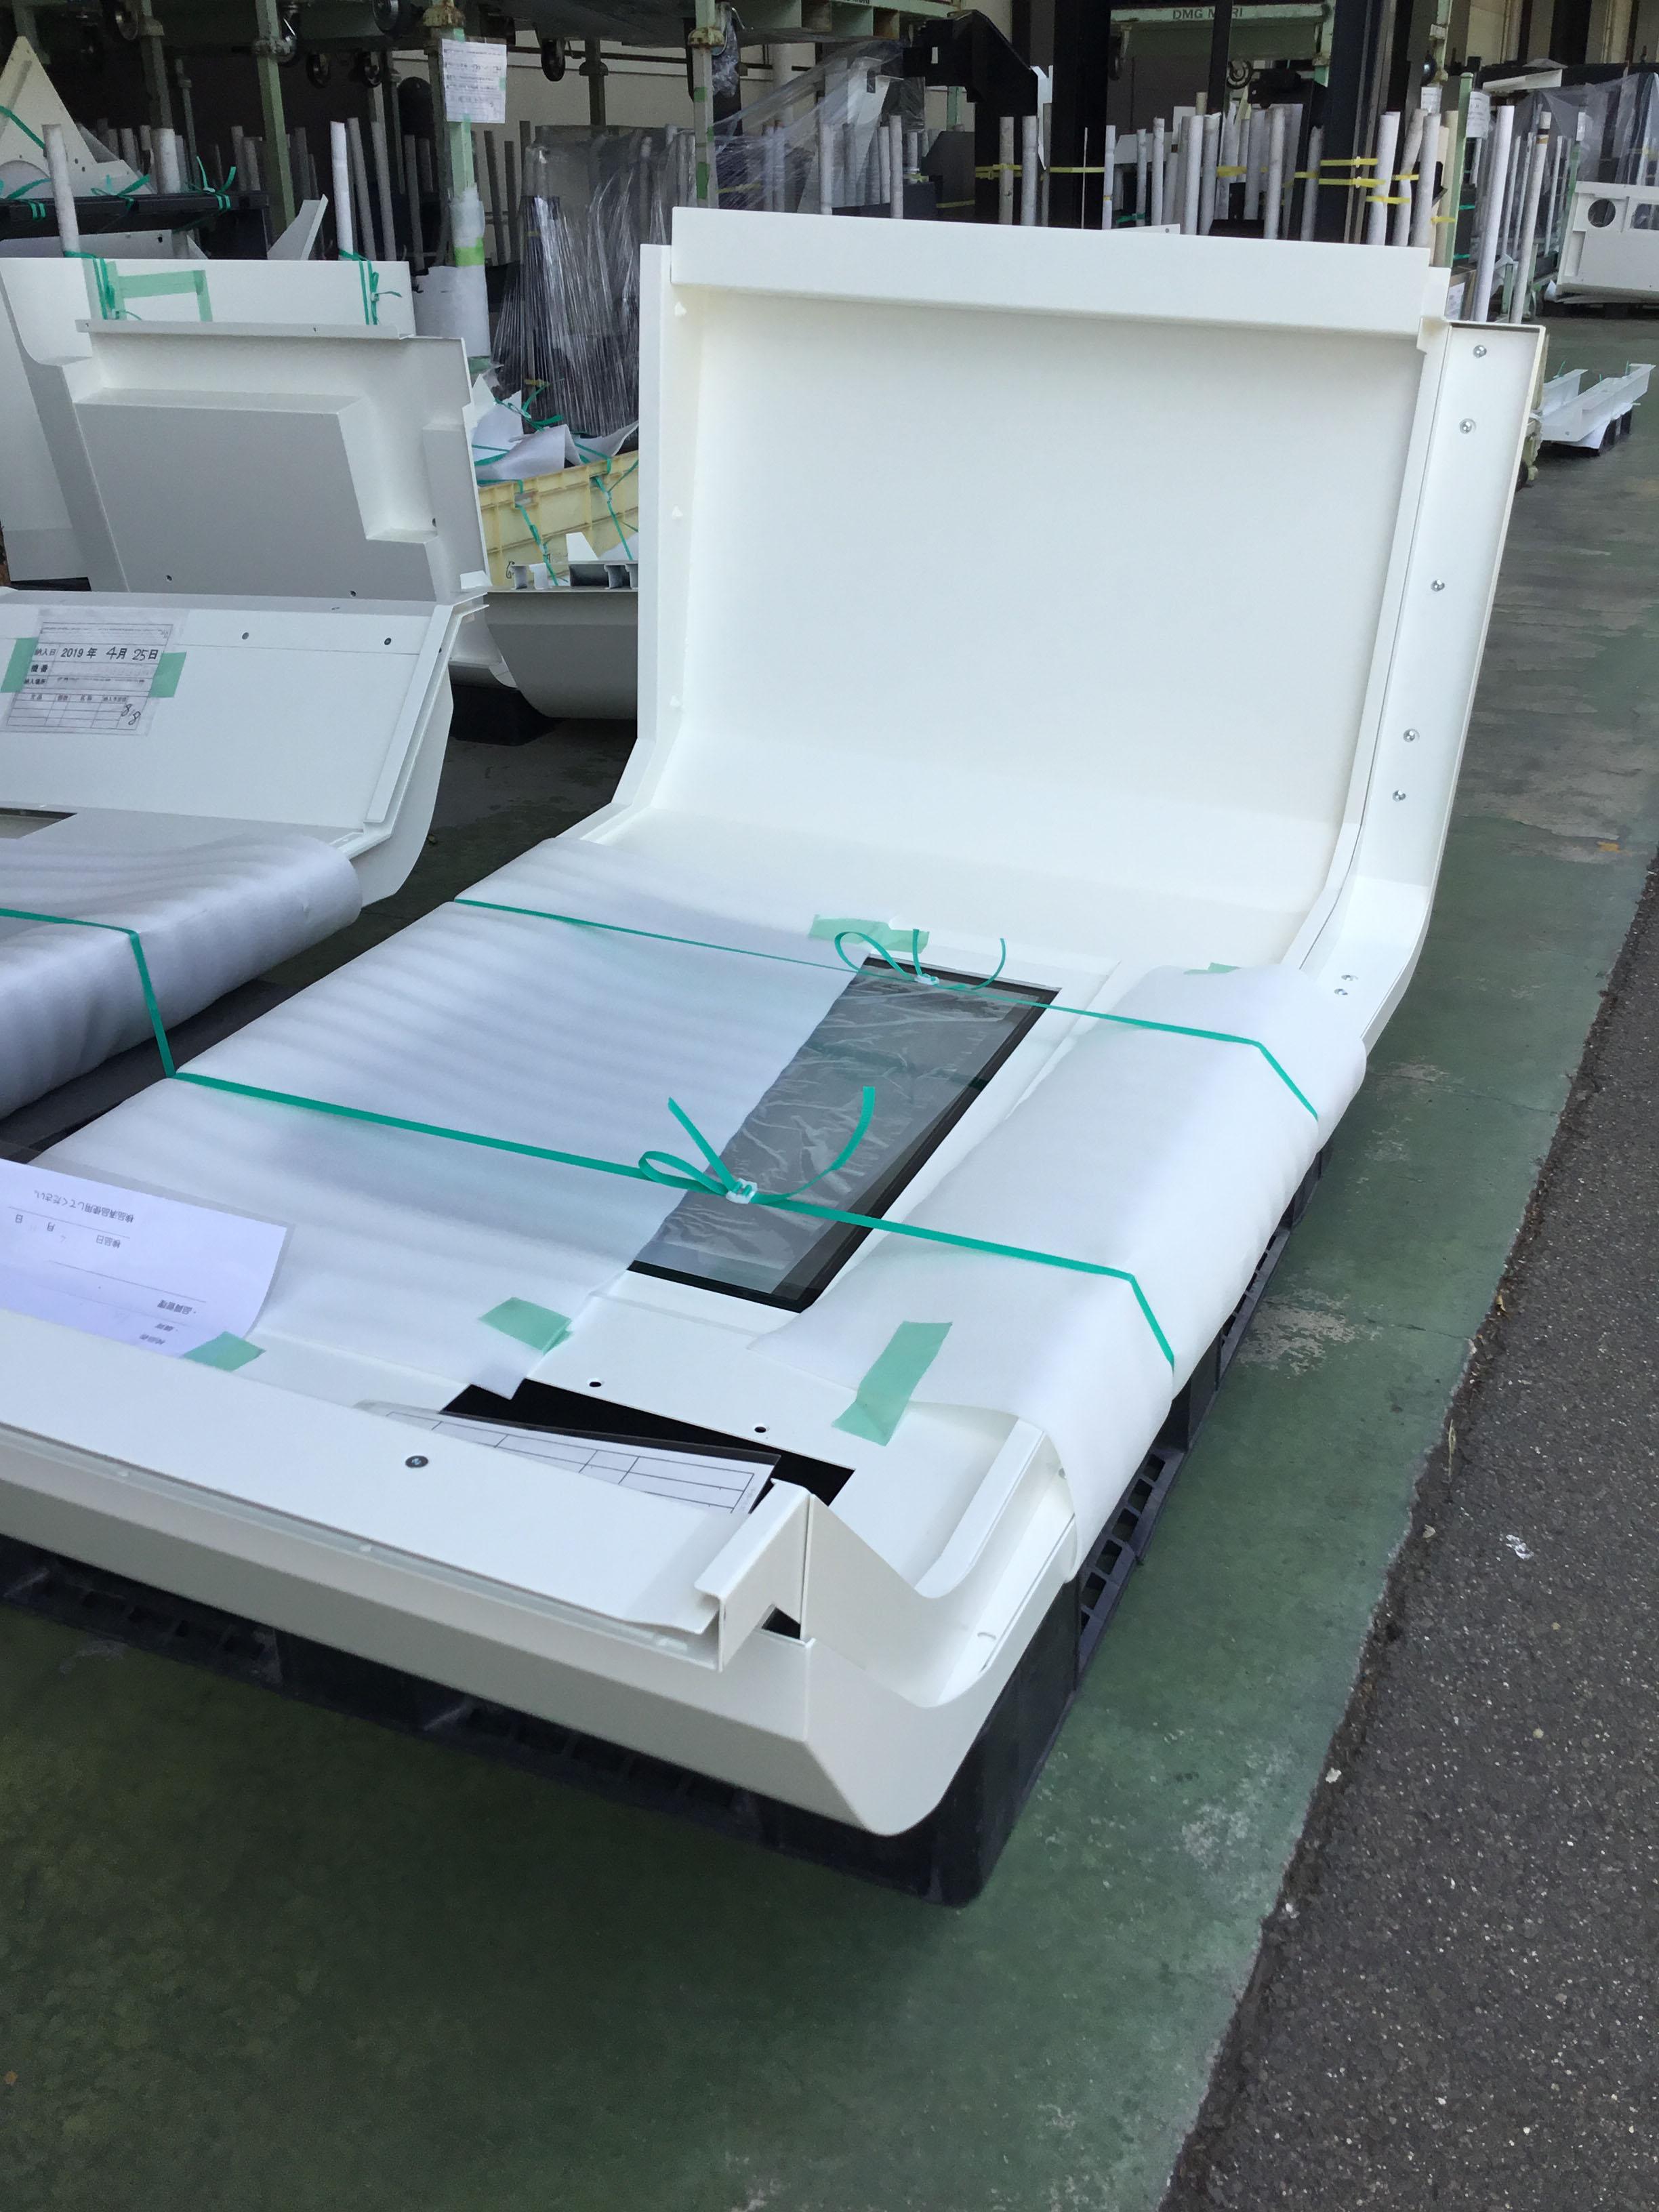 カバー部品なども簡易梱包でキズなく、搬送可能